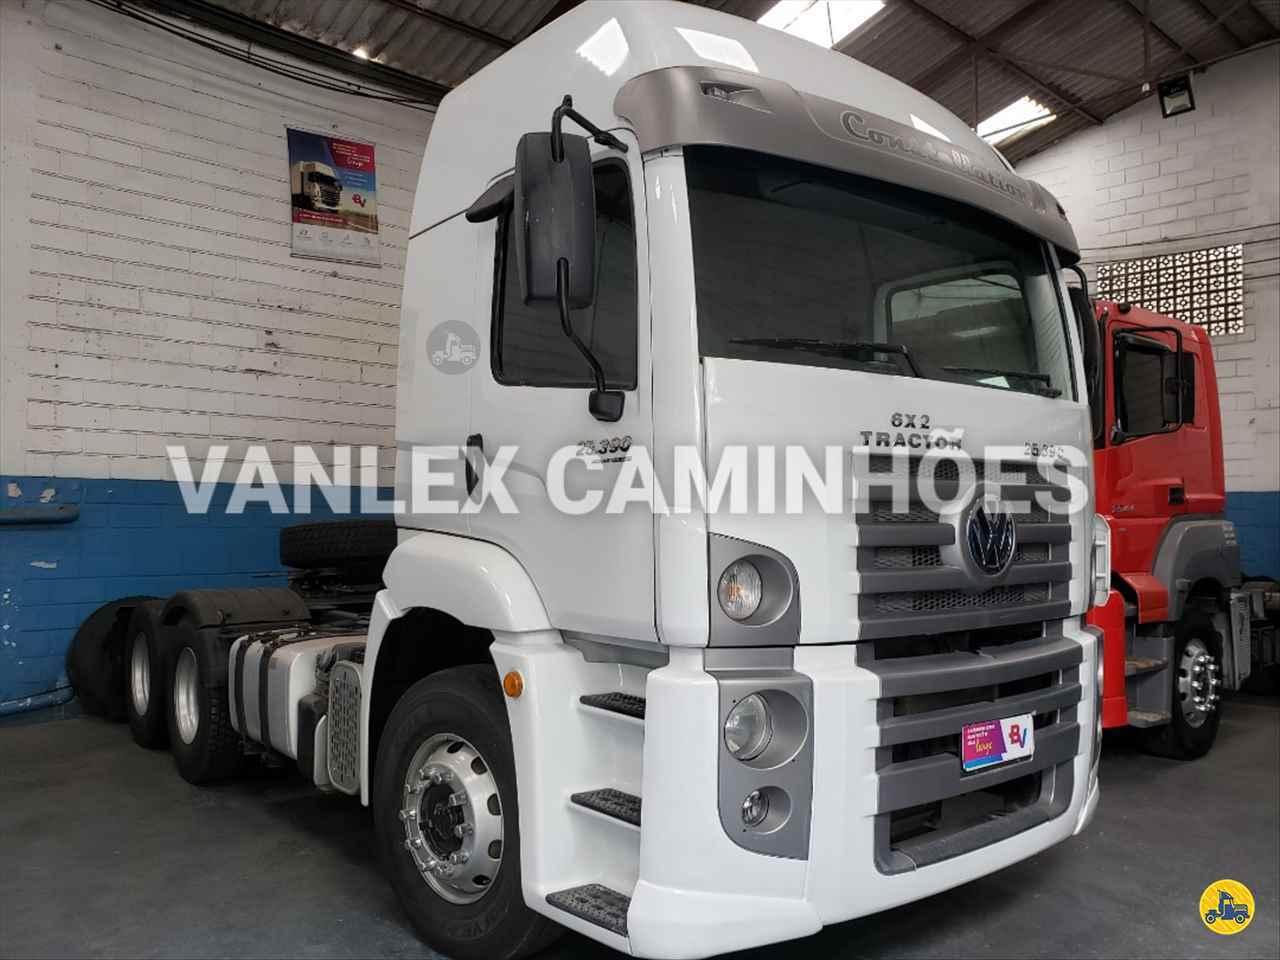 CAMINHAO VOLKSWAGEN VW 25390 Cavalo Mecânico Truck 6x2 Vanlex Caminhões SAO BERNARDO DO CAMPO SÃO PAULO SP